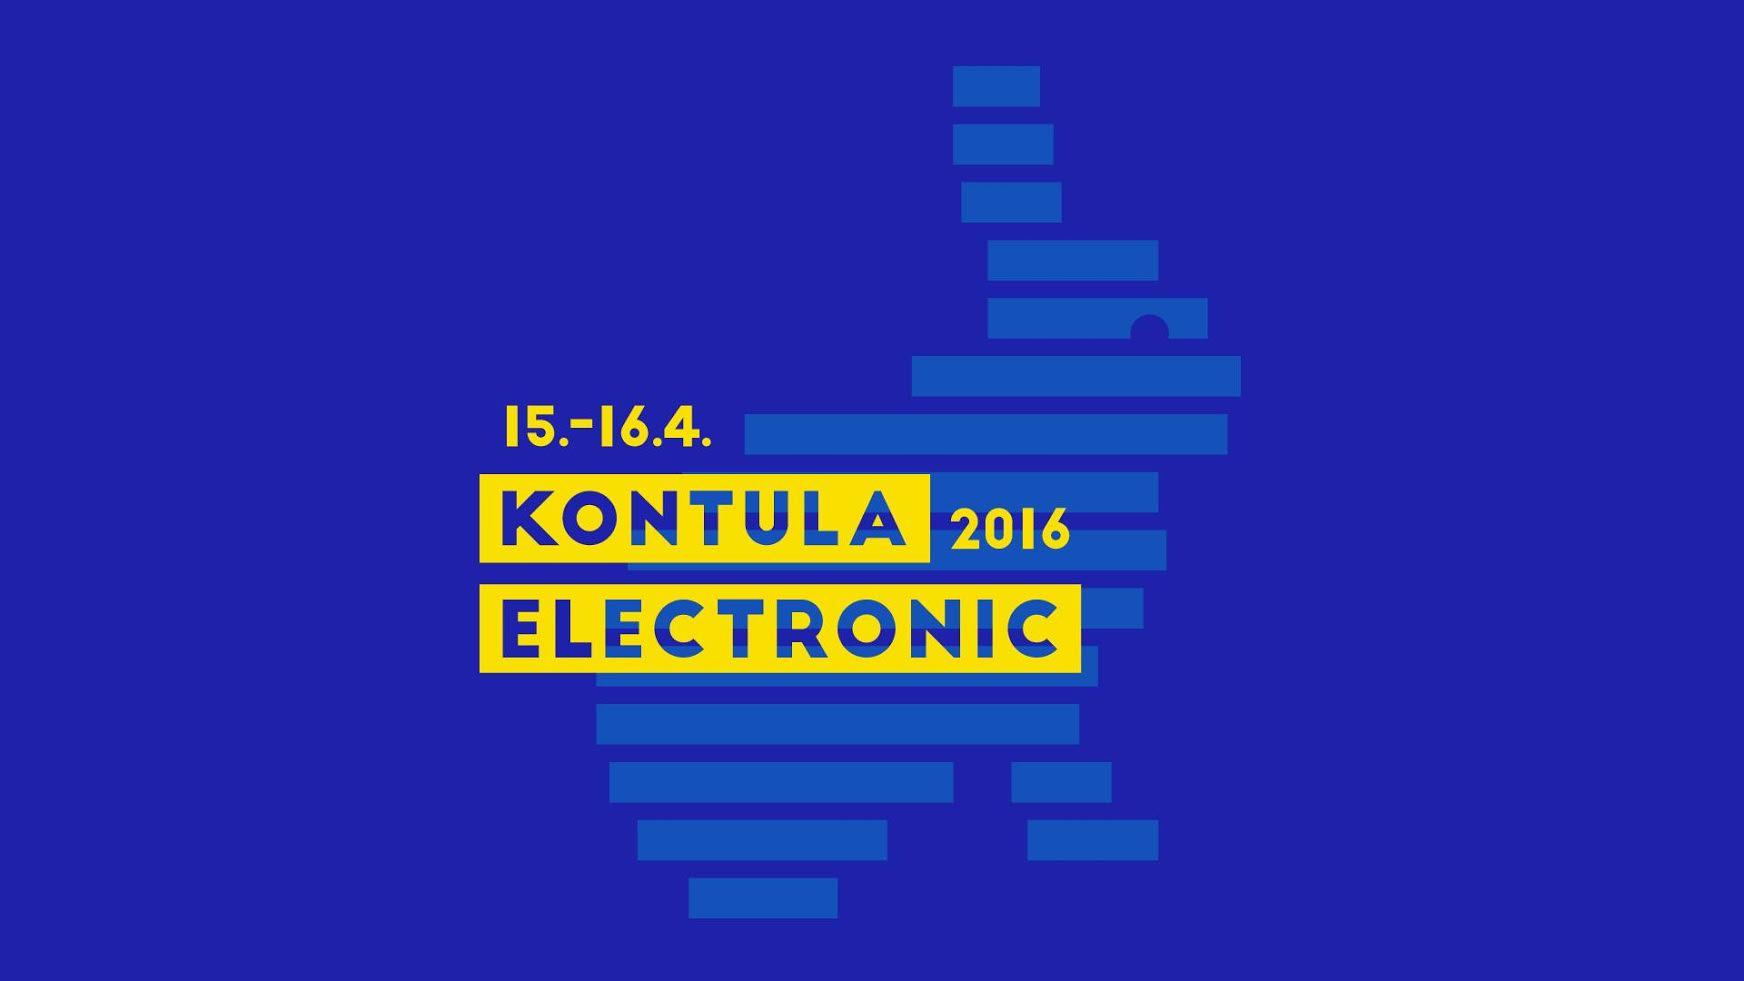 Kontula Electronic 2016